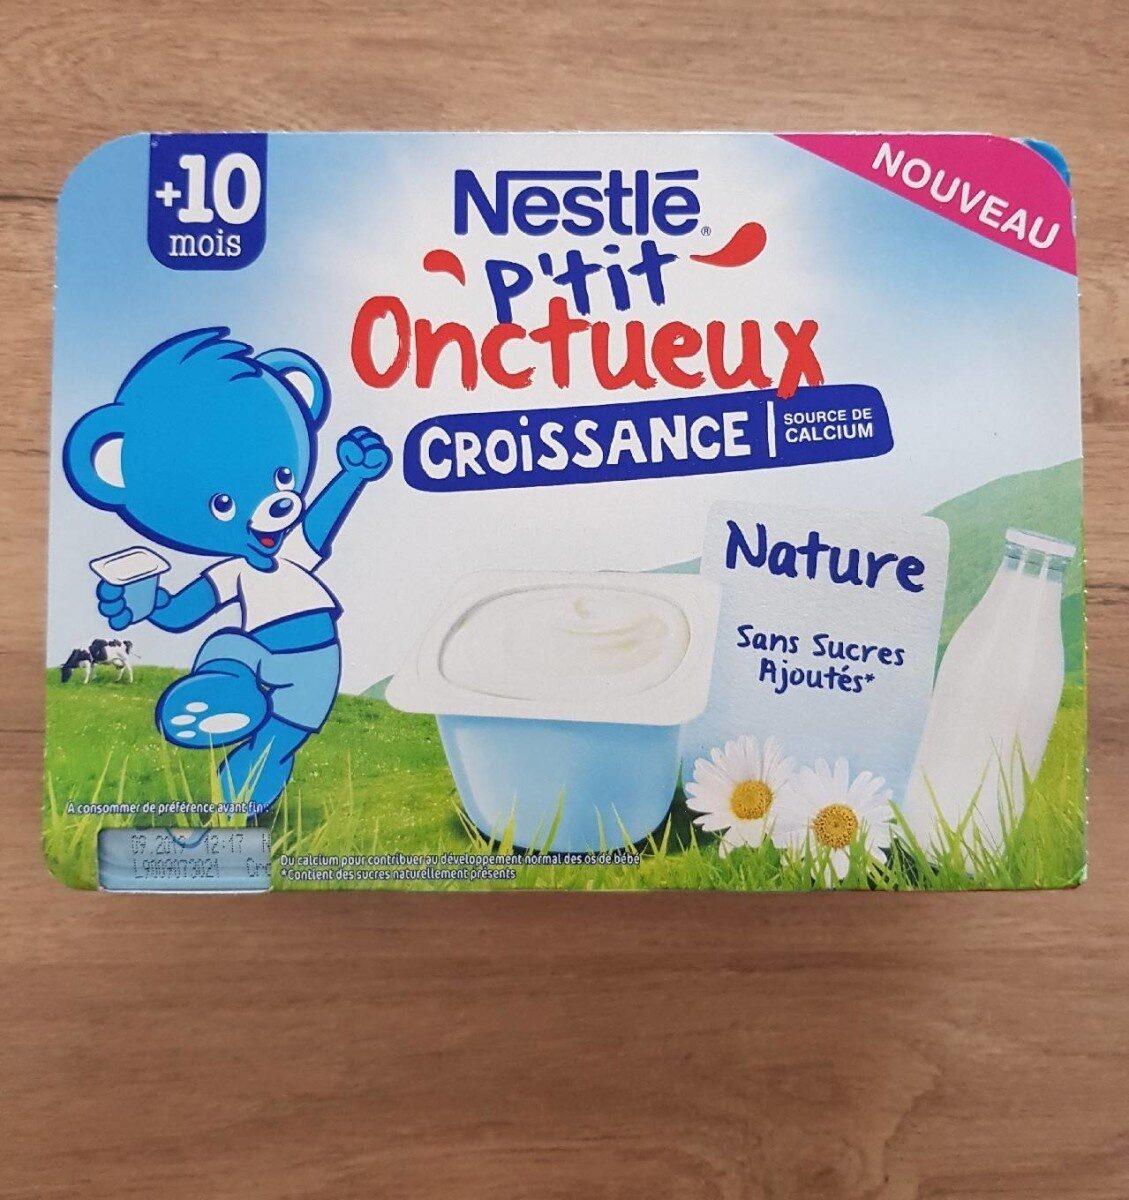 Nestlé p'tit onctueux - Product